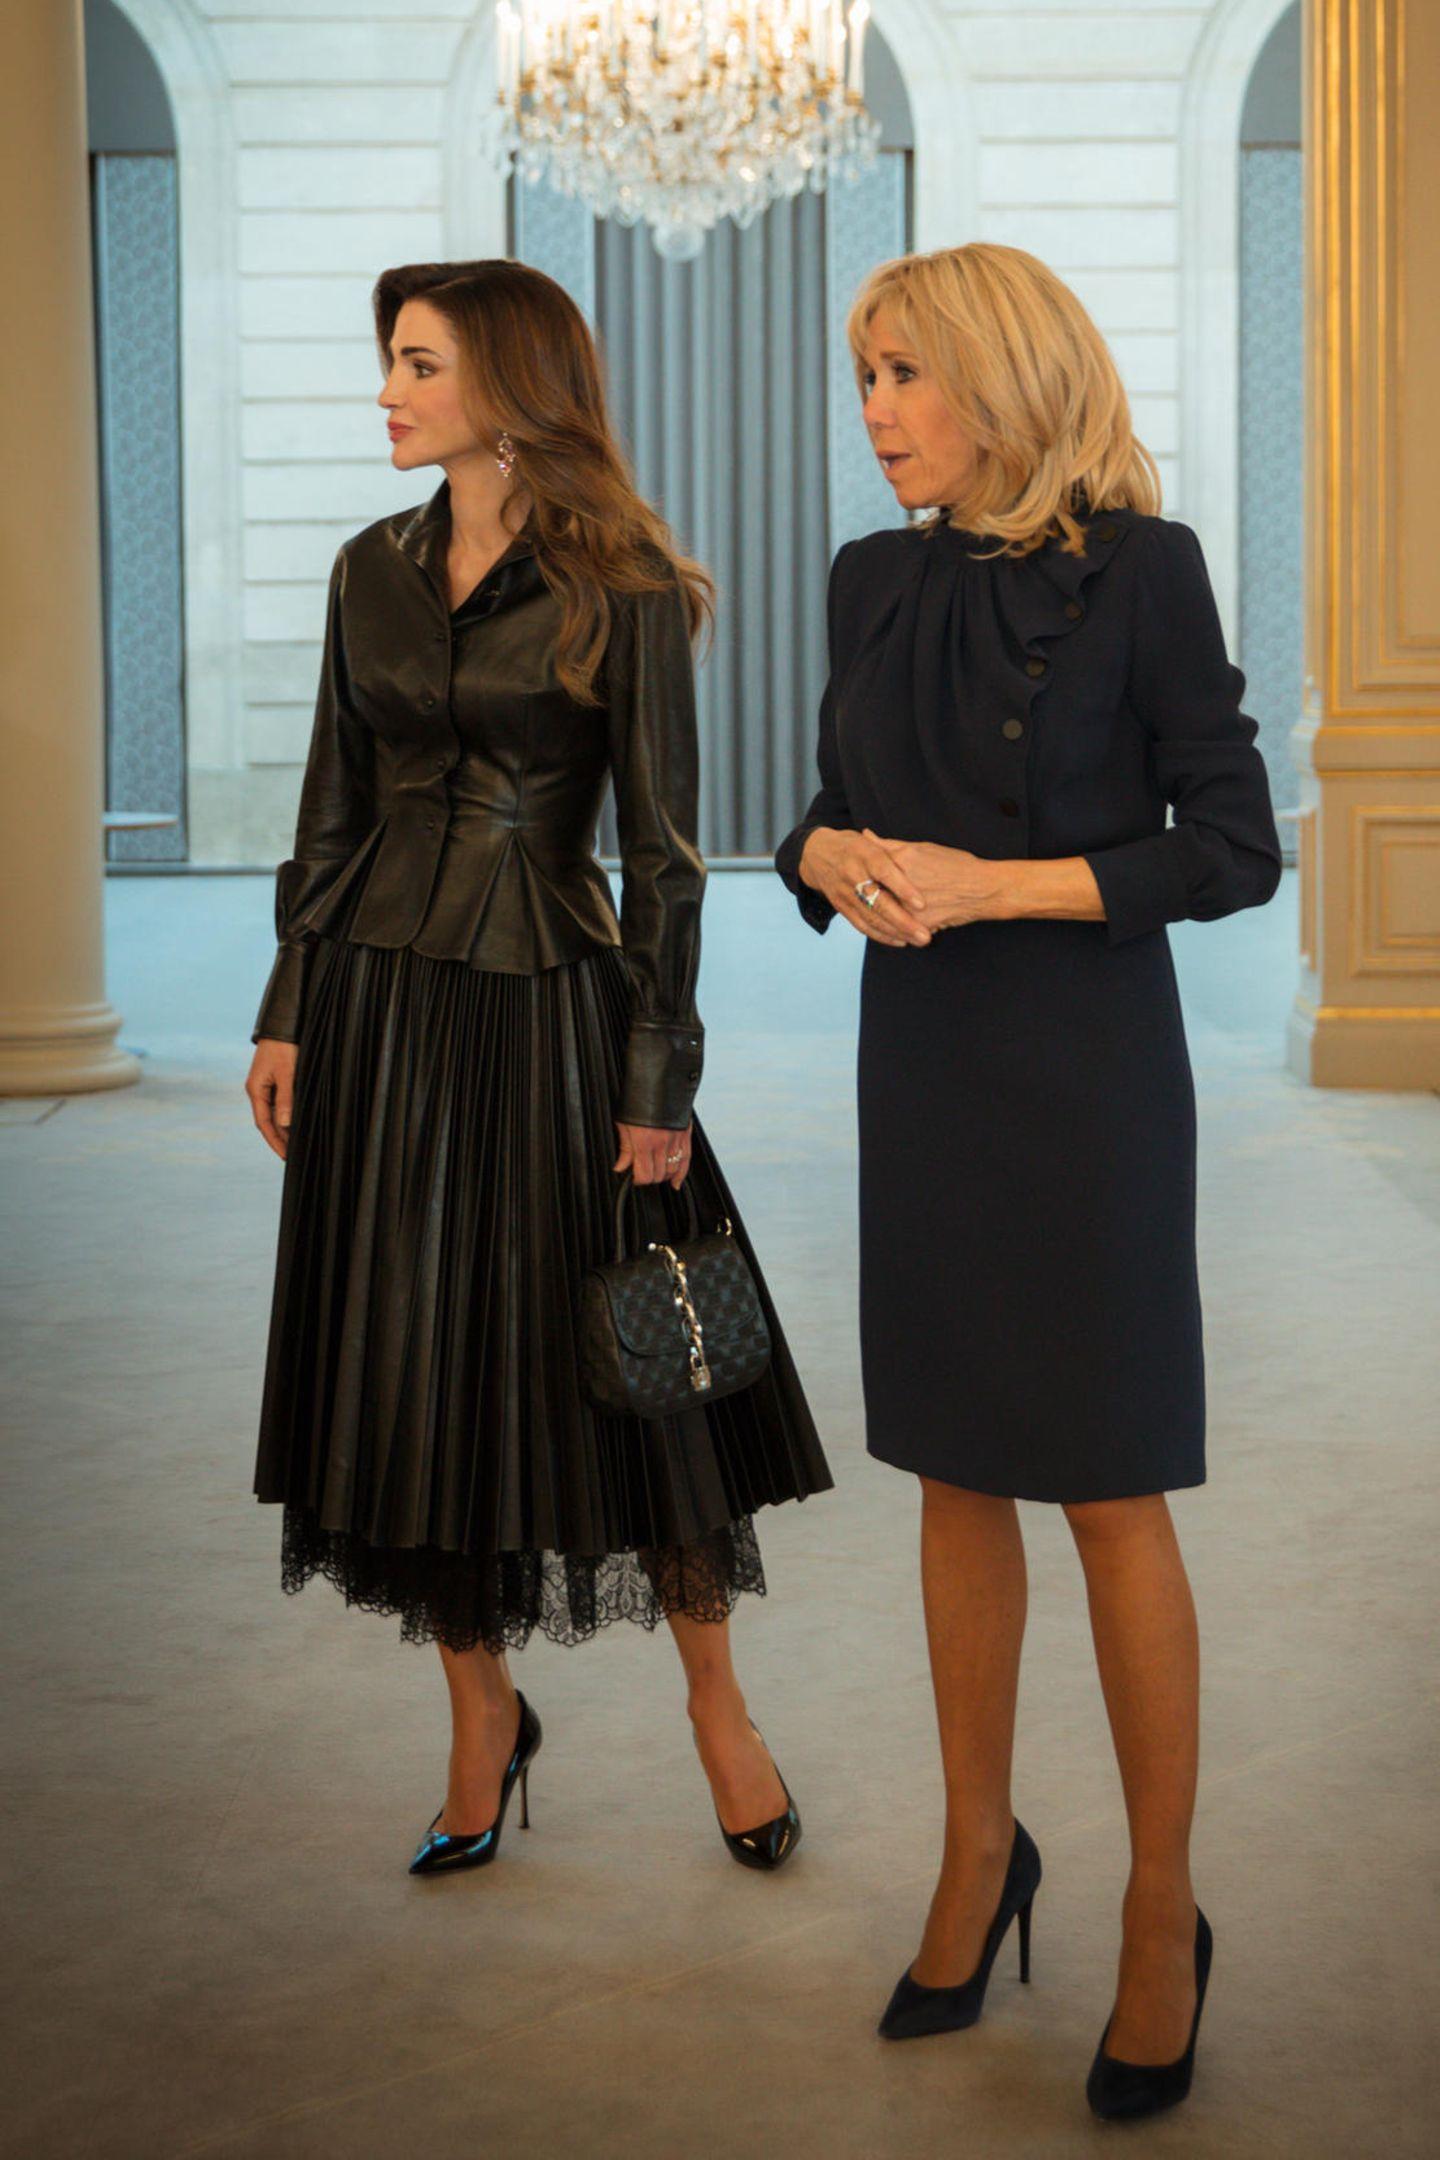 Zwei Fashionistas im Dienste der internationalen Politik: BeimStaatsbesuch des Königspaares von Jordanien hat sich Brigitte Macron für ein elegantes, knielanges Kleid mit Drapierung in Dunkelblau entschieden. Style-Star Königin Rania setzt derweil auf einen gewagten All-over-Lederlook.